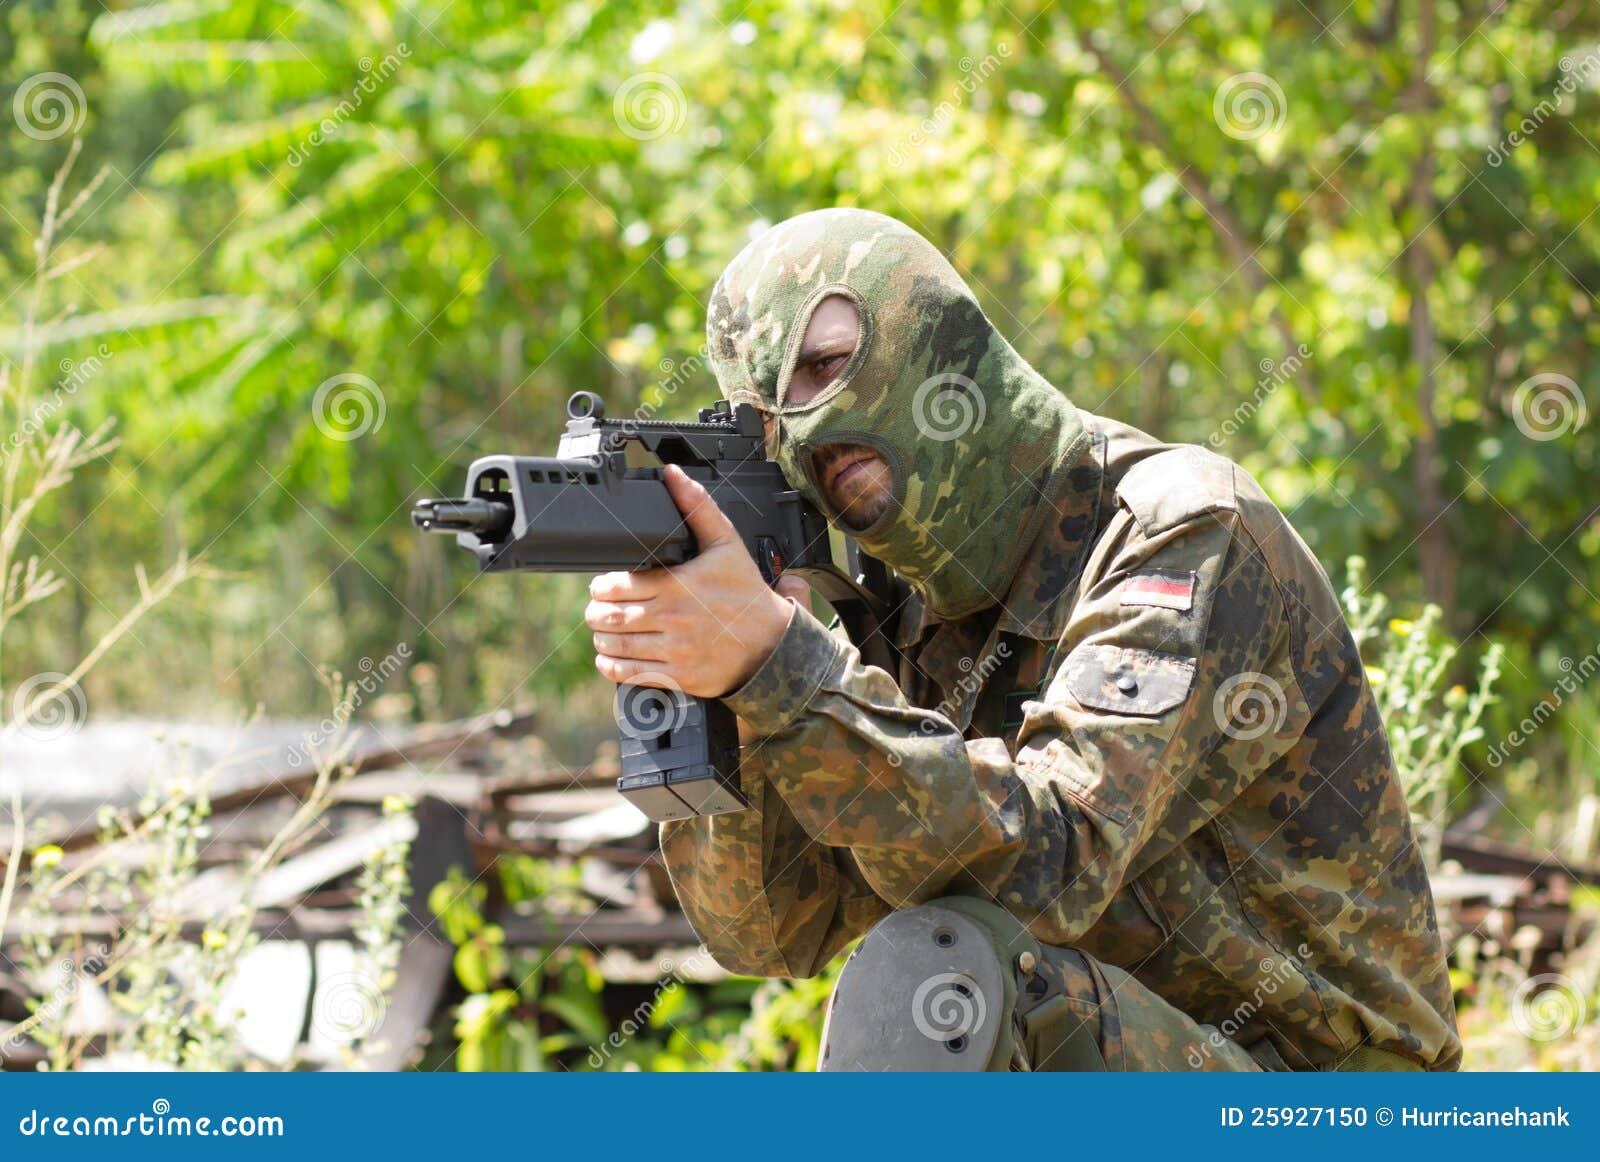 Terroriste avec un canon à l extérieur